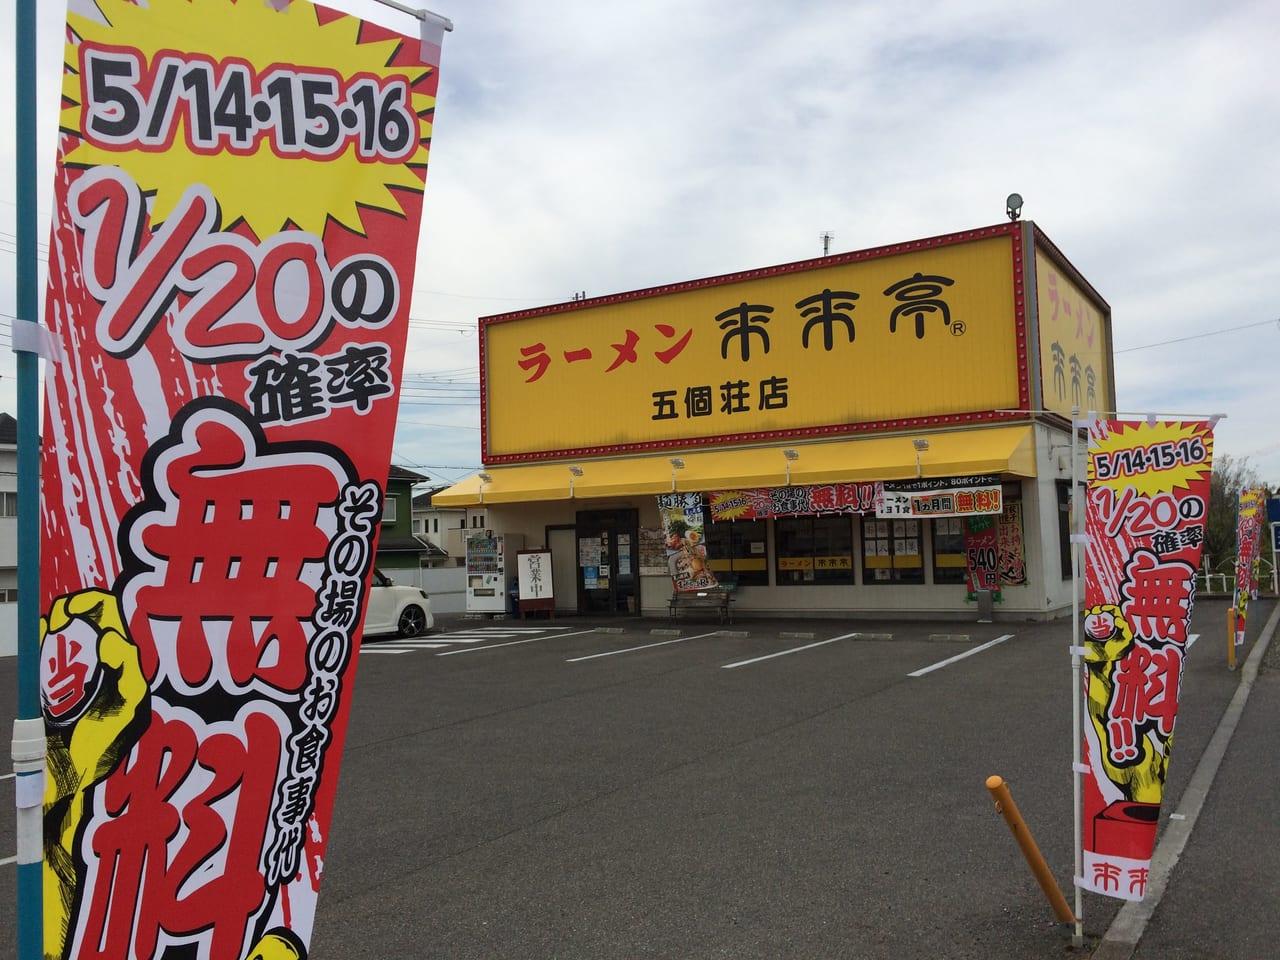 来来亭五個荘店、5月イベントの旗